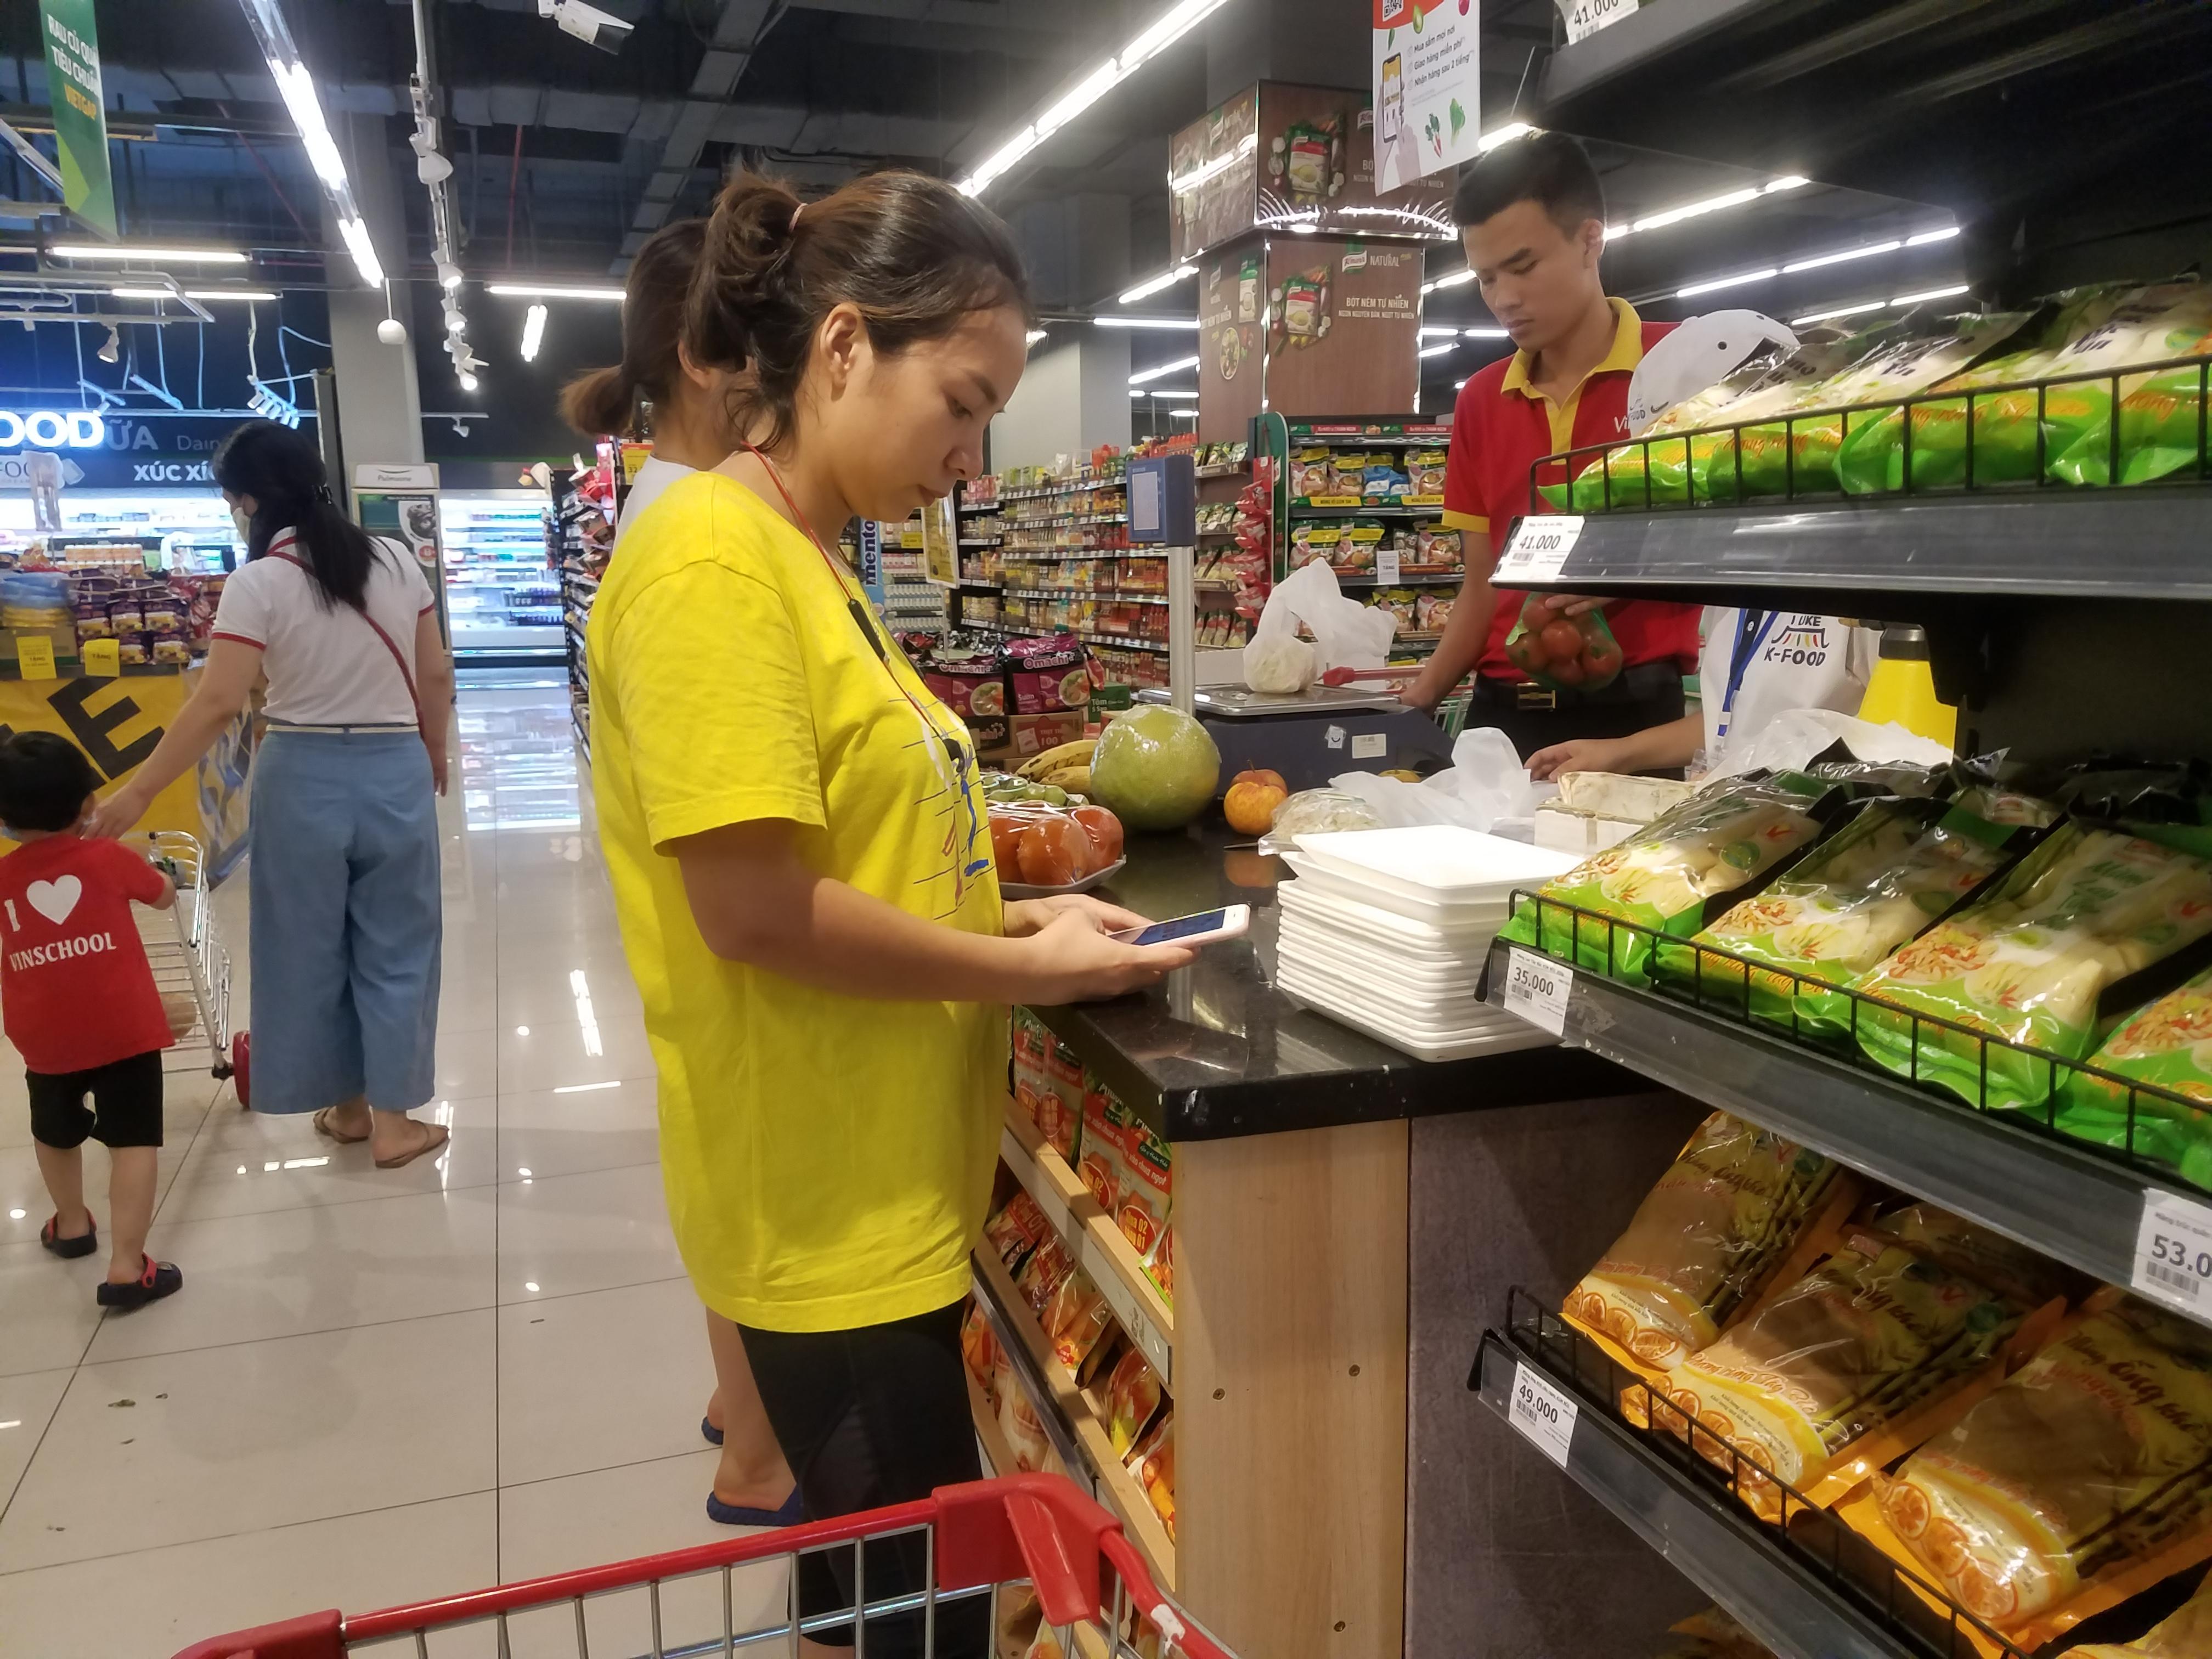 Vinmart, Lotte giảm giá sâu tới 70% các mặt hàng trong Tháng khuyến mại tập trung quốc gia - Ảnh 3.